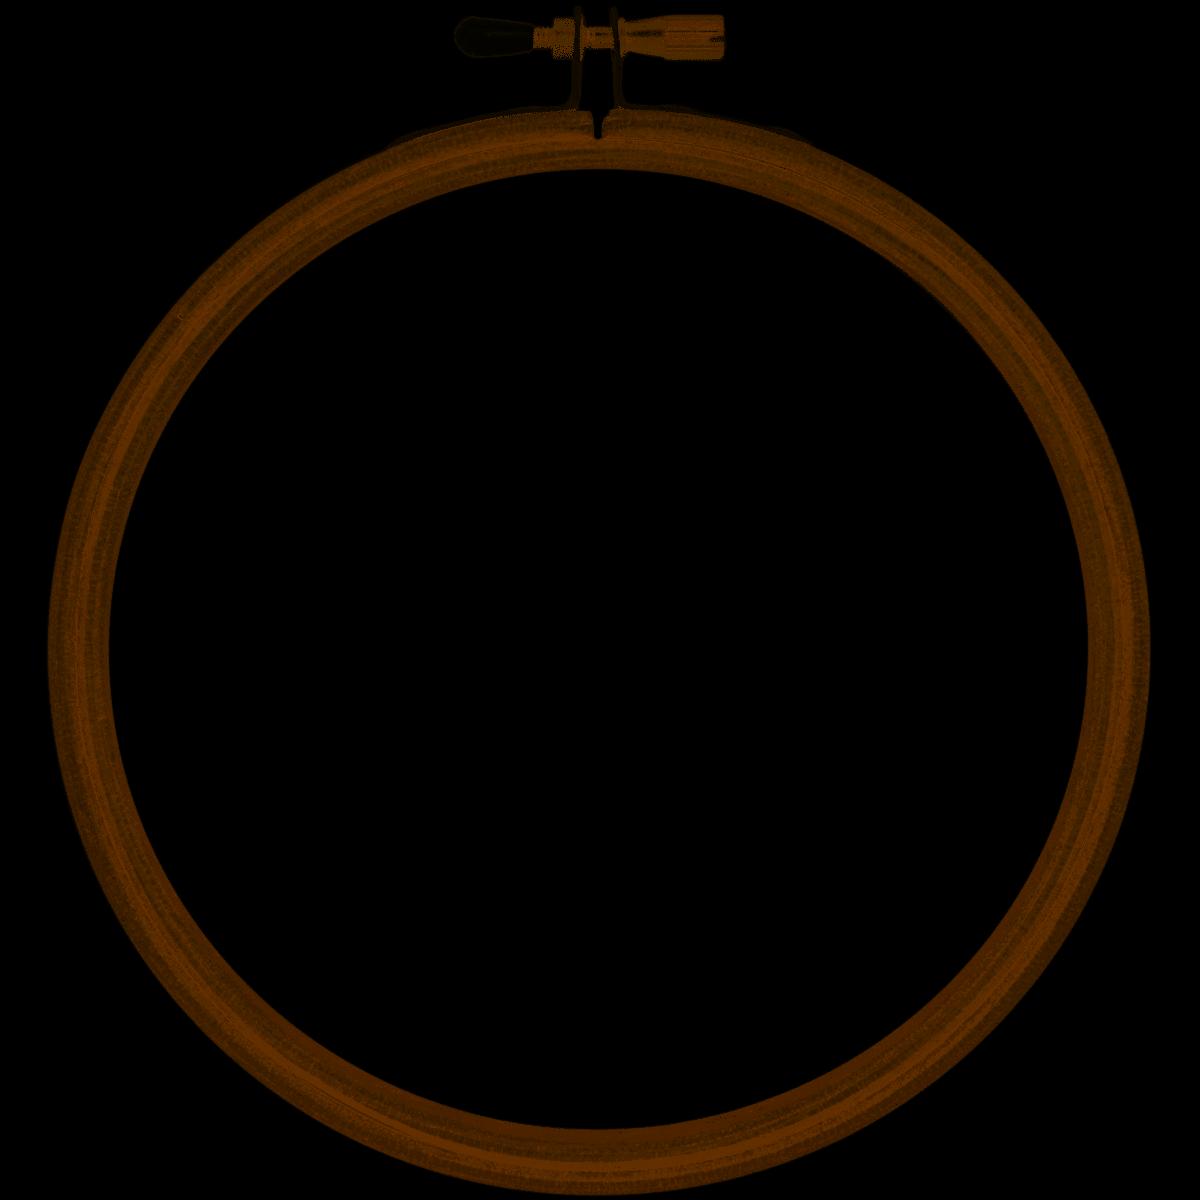 Wood Hoop - 5